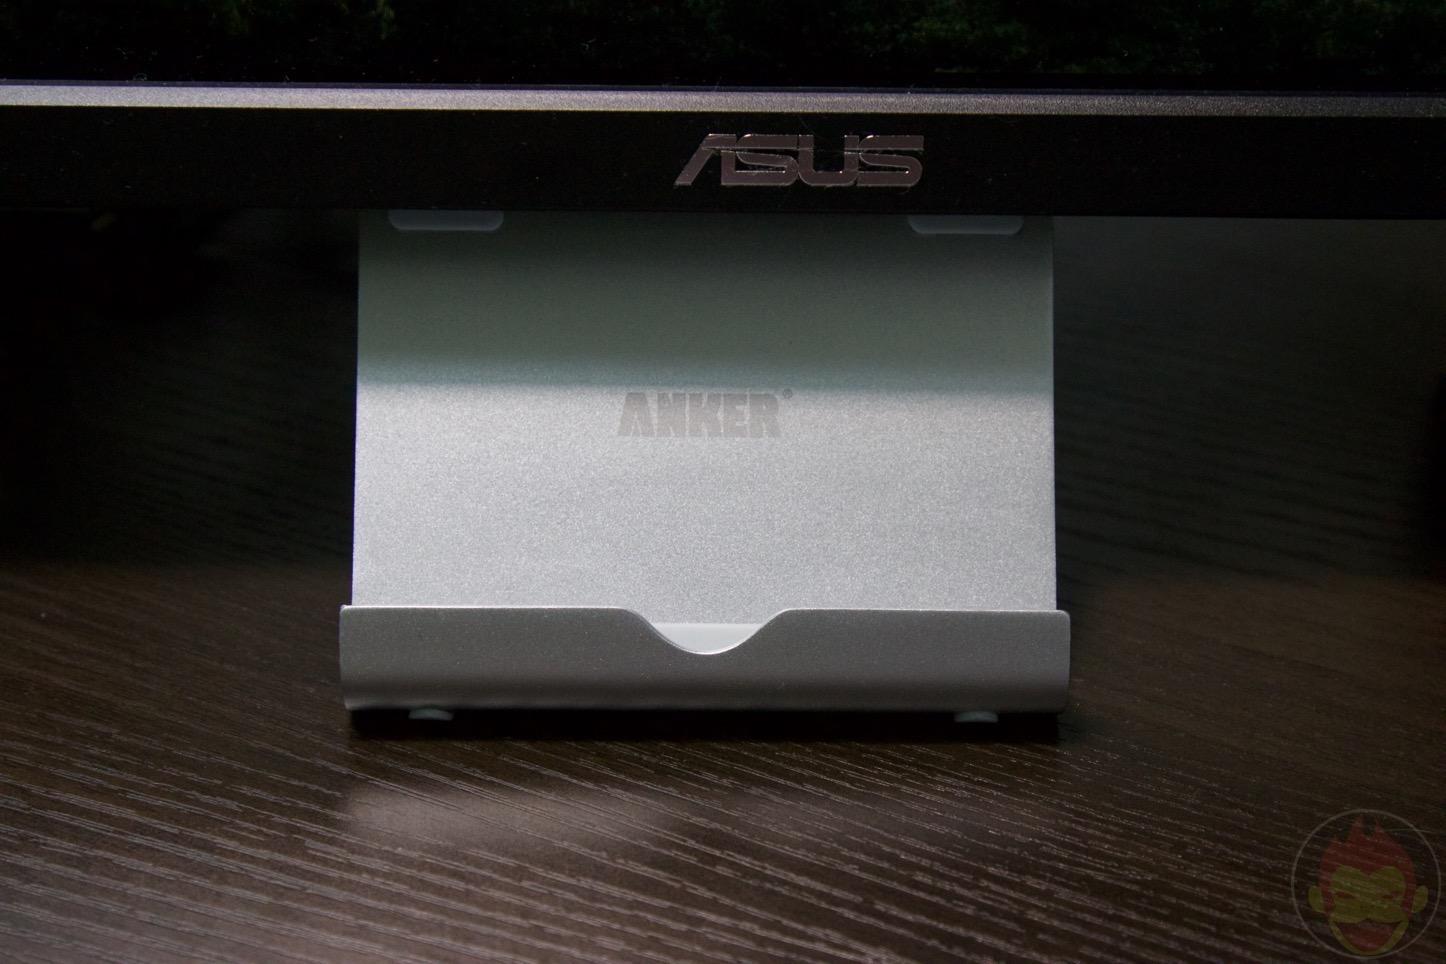 Anker-SoundCore-16.jpg